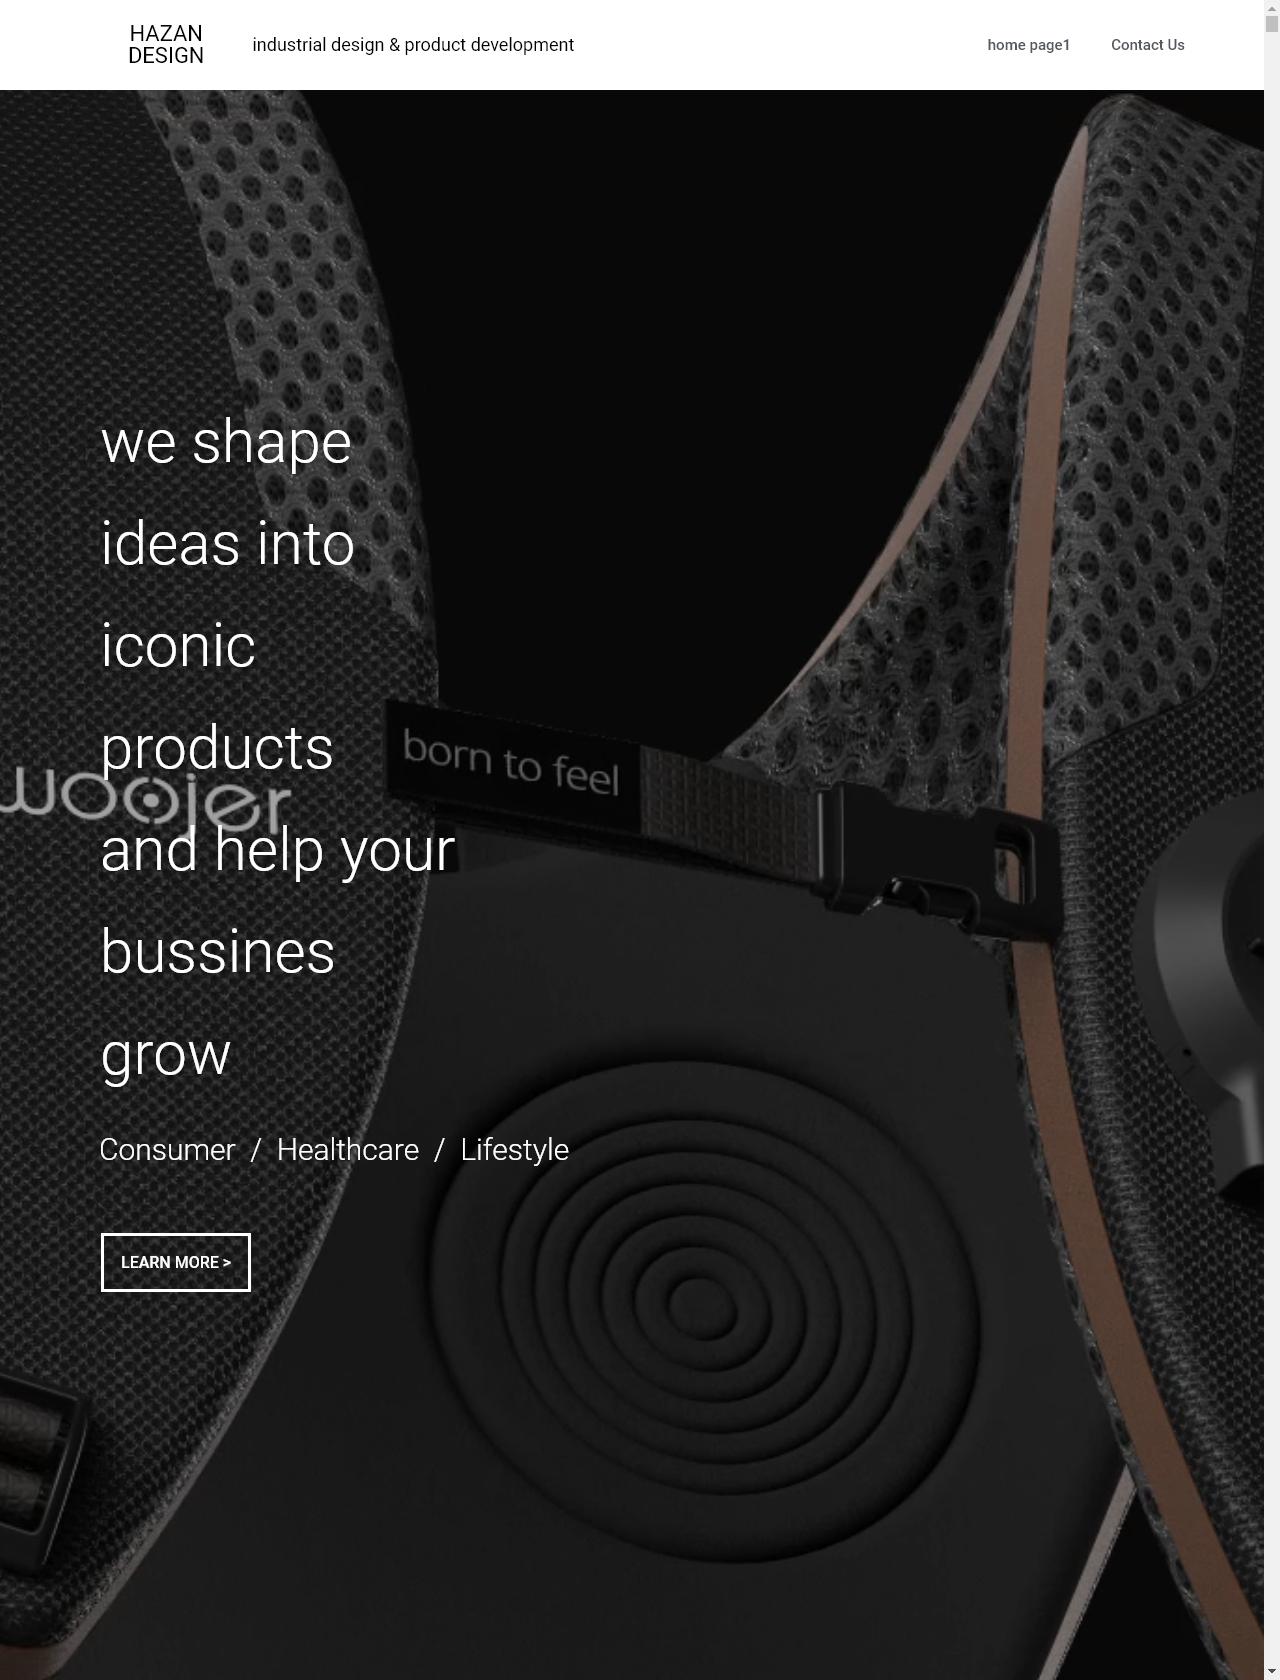 Screenshot Desktop - https://www.hazandesign.com/